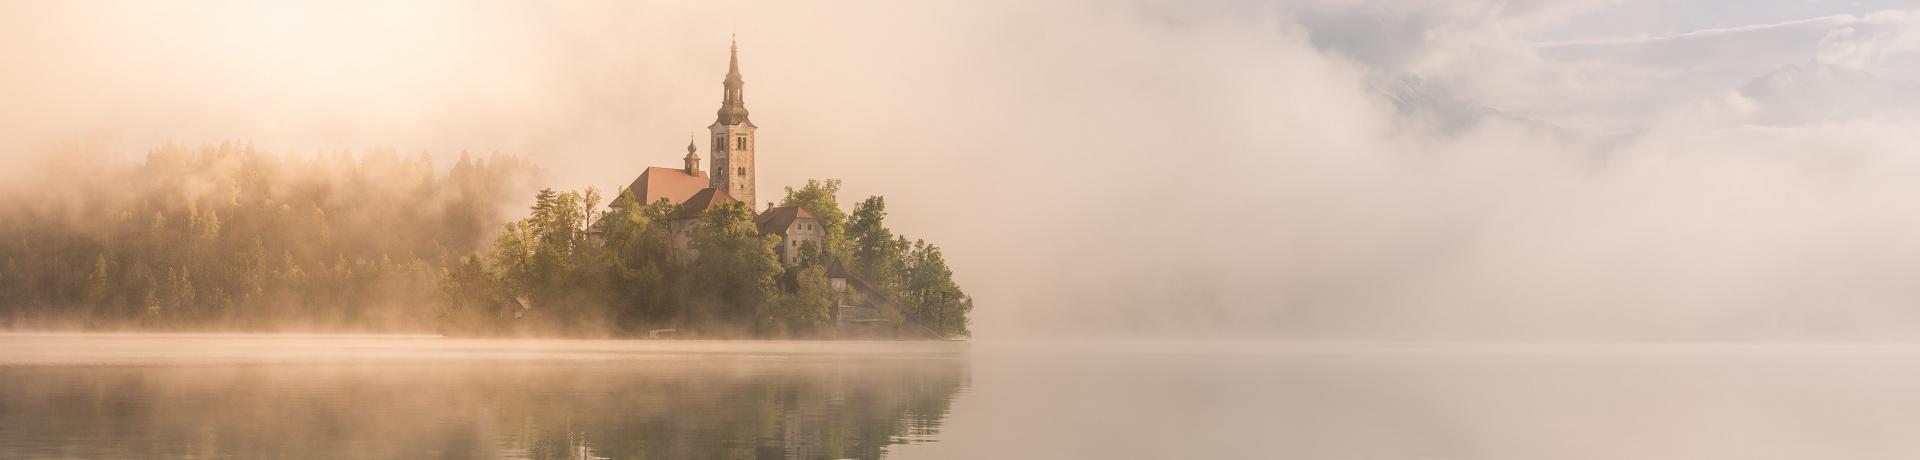 Slowenien-Bled-Emotion_GI-858945218.jpg